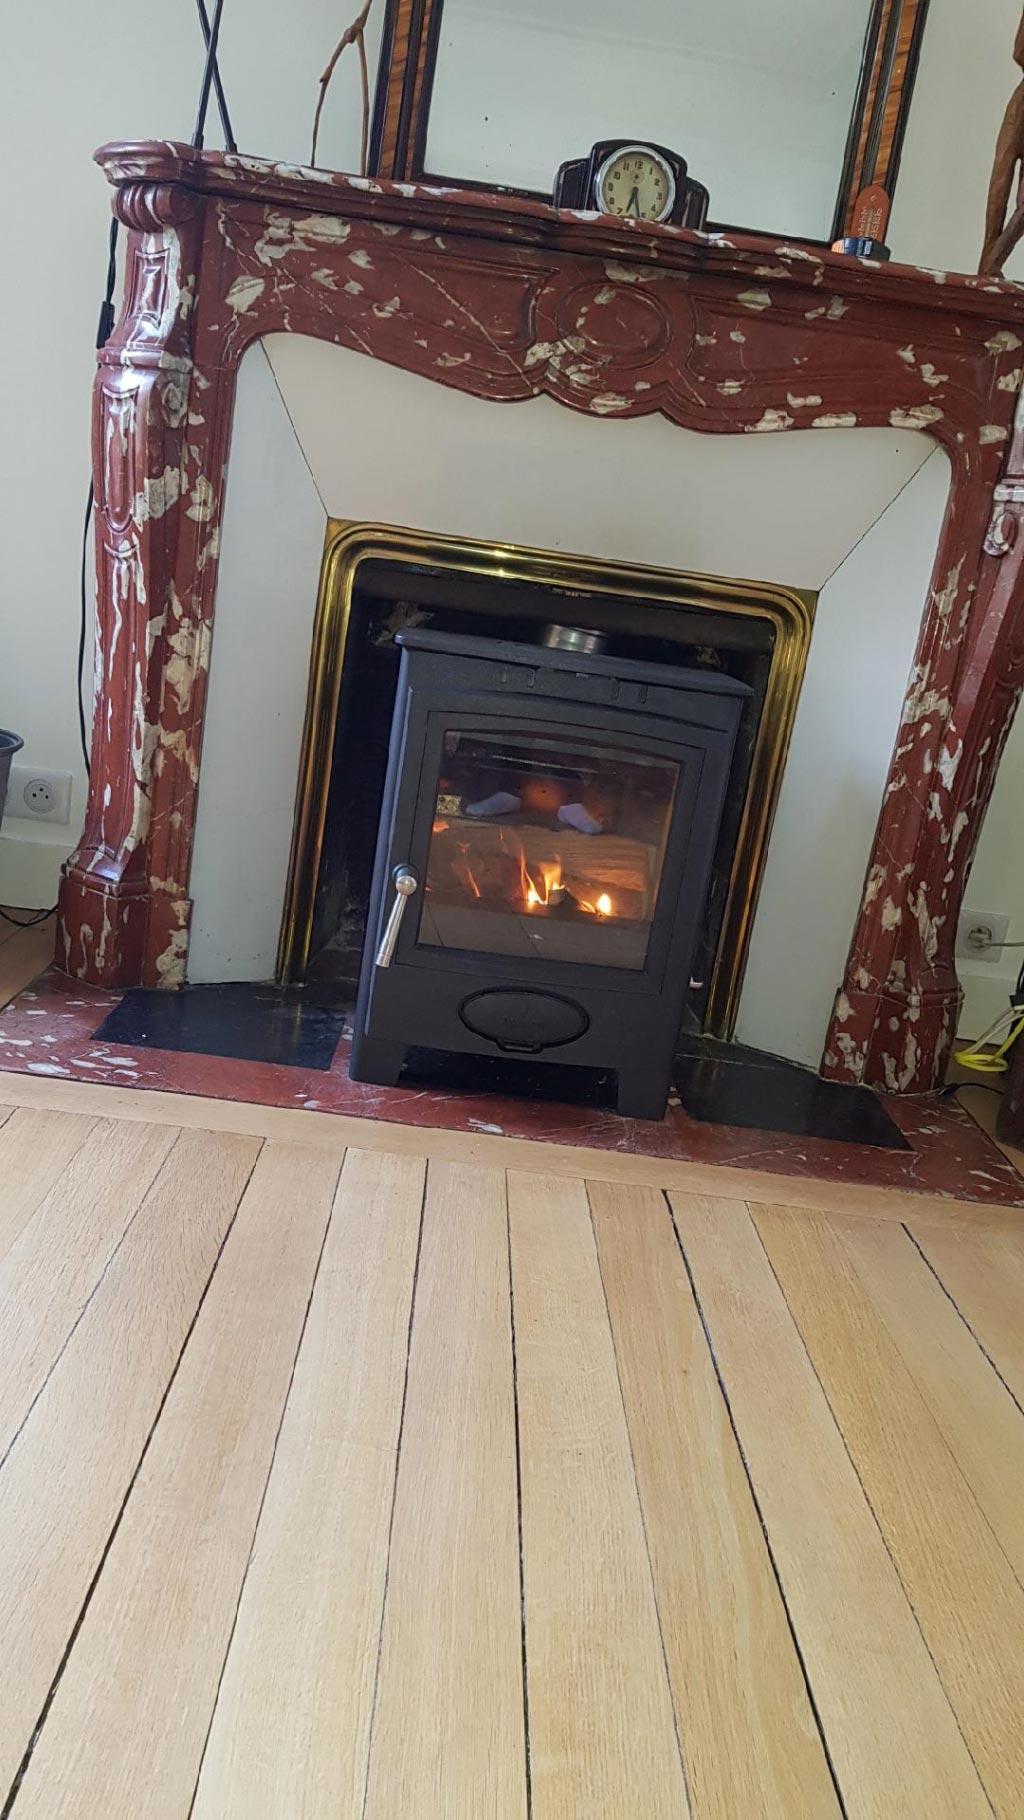 Quel Marque De Poele A Bois Choisir installation d'un poêle à bois ecoburn arada stoves